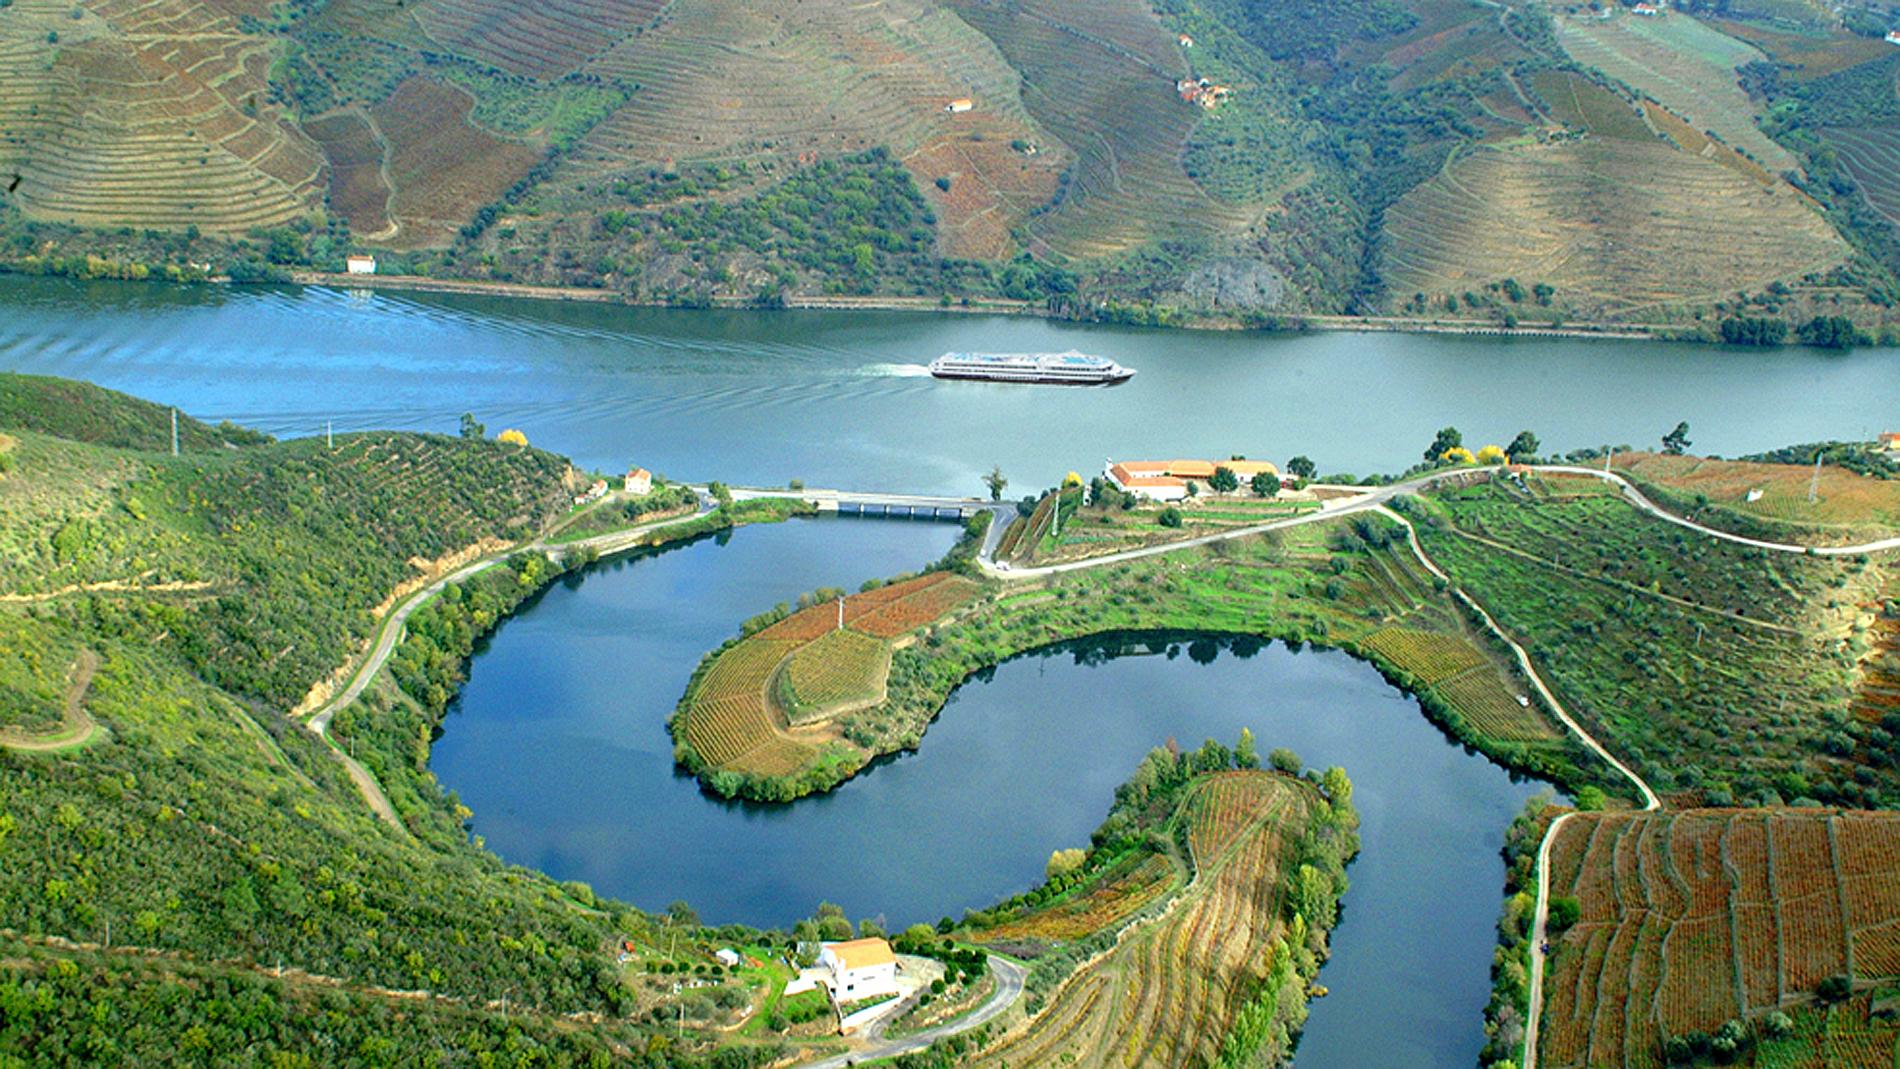 Portugal's Douro River flows like liquid gold | CNN Travel